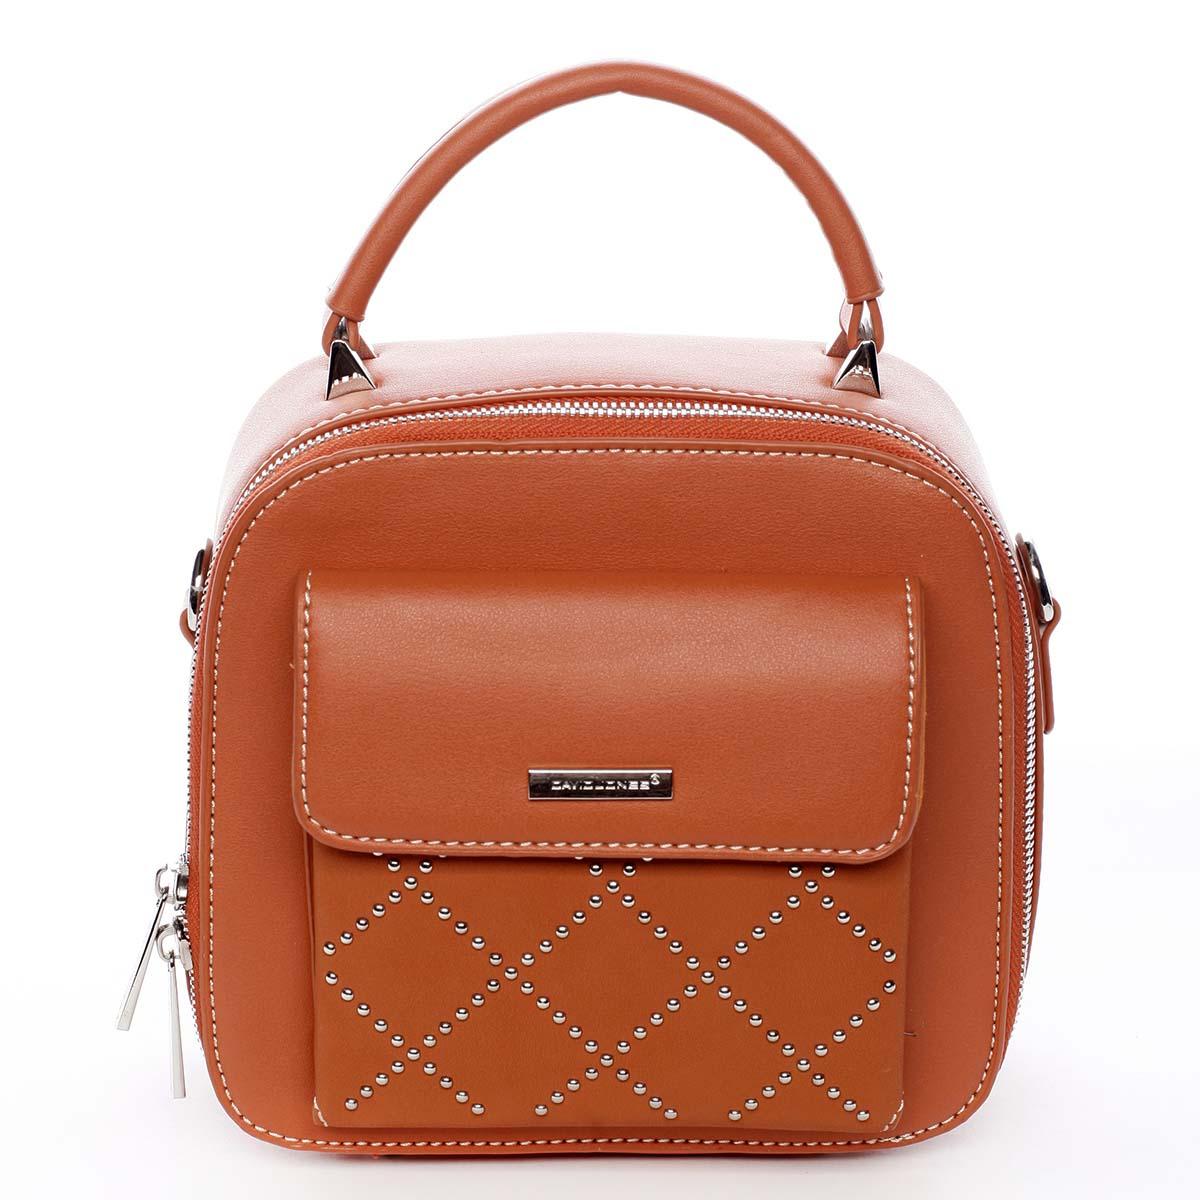 Luxusní malá dámská kabelka do ruky oranžová - David Jones Stela oranžová